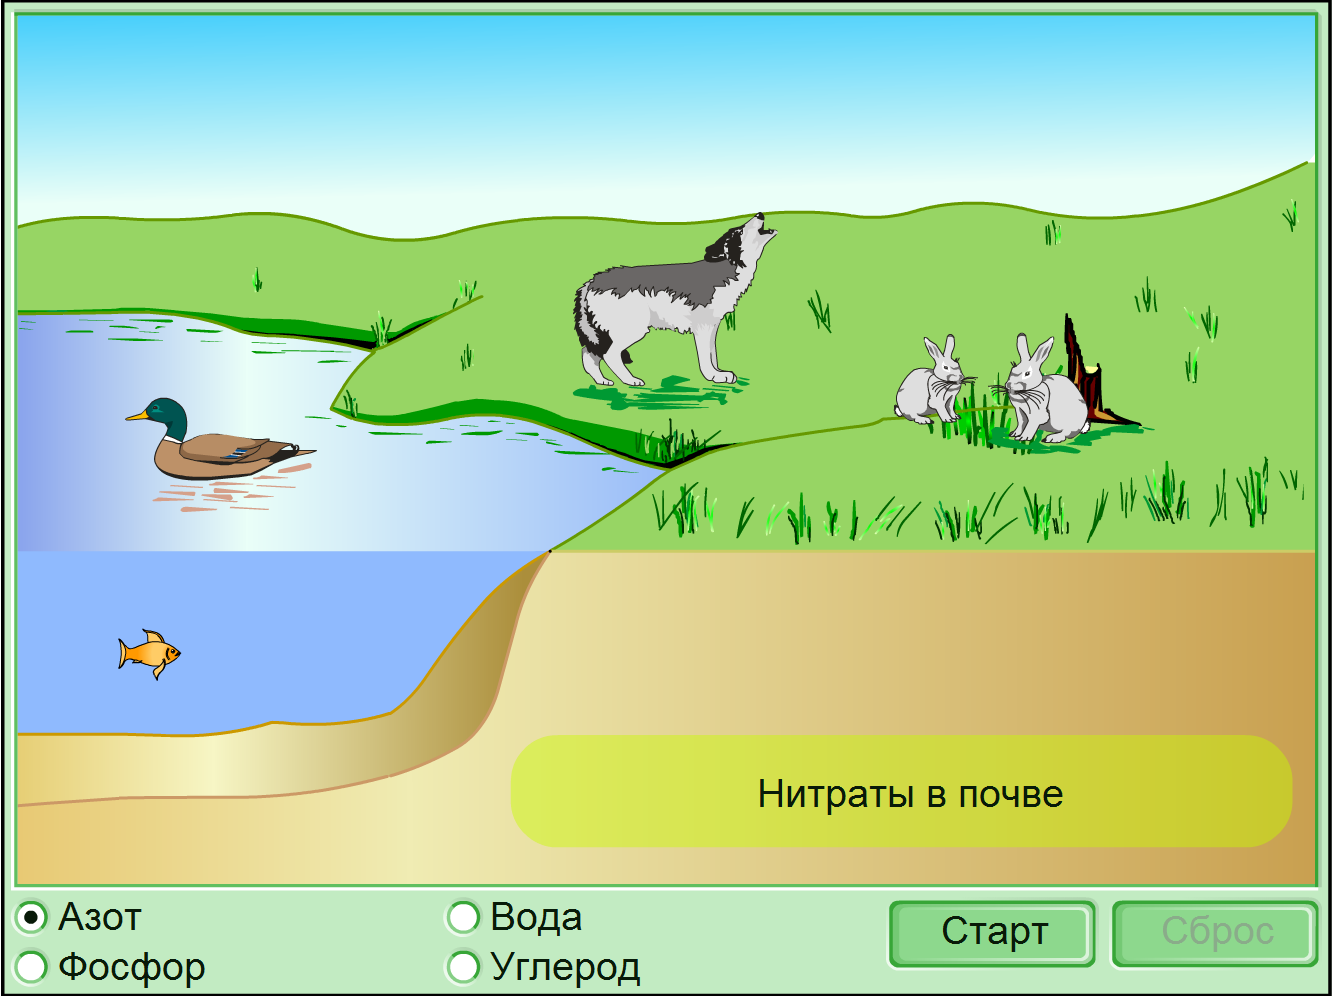 сайт учителя экологии презентация по экологии